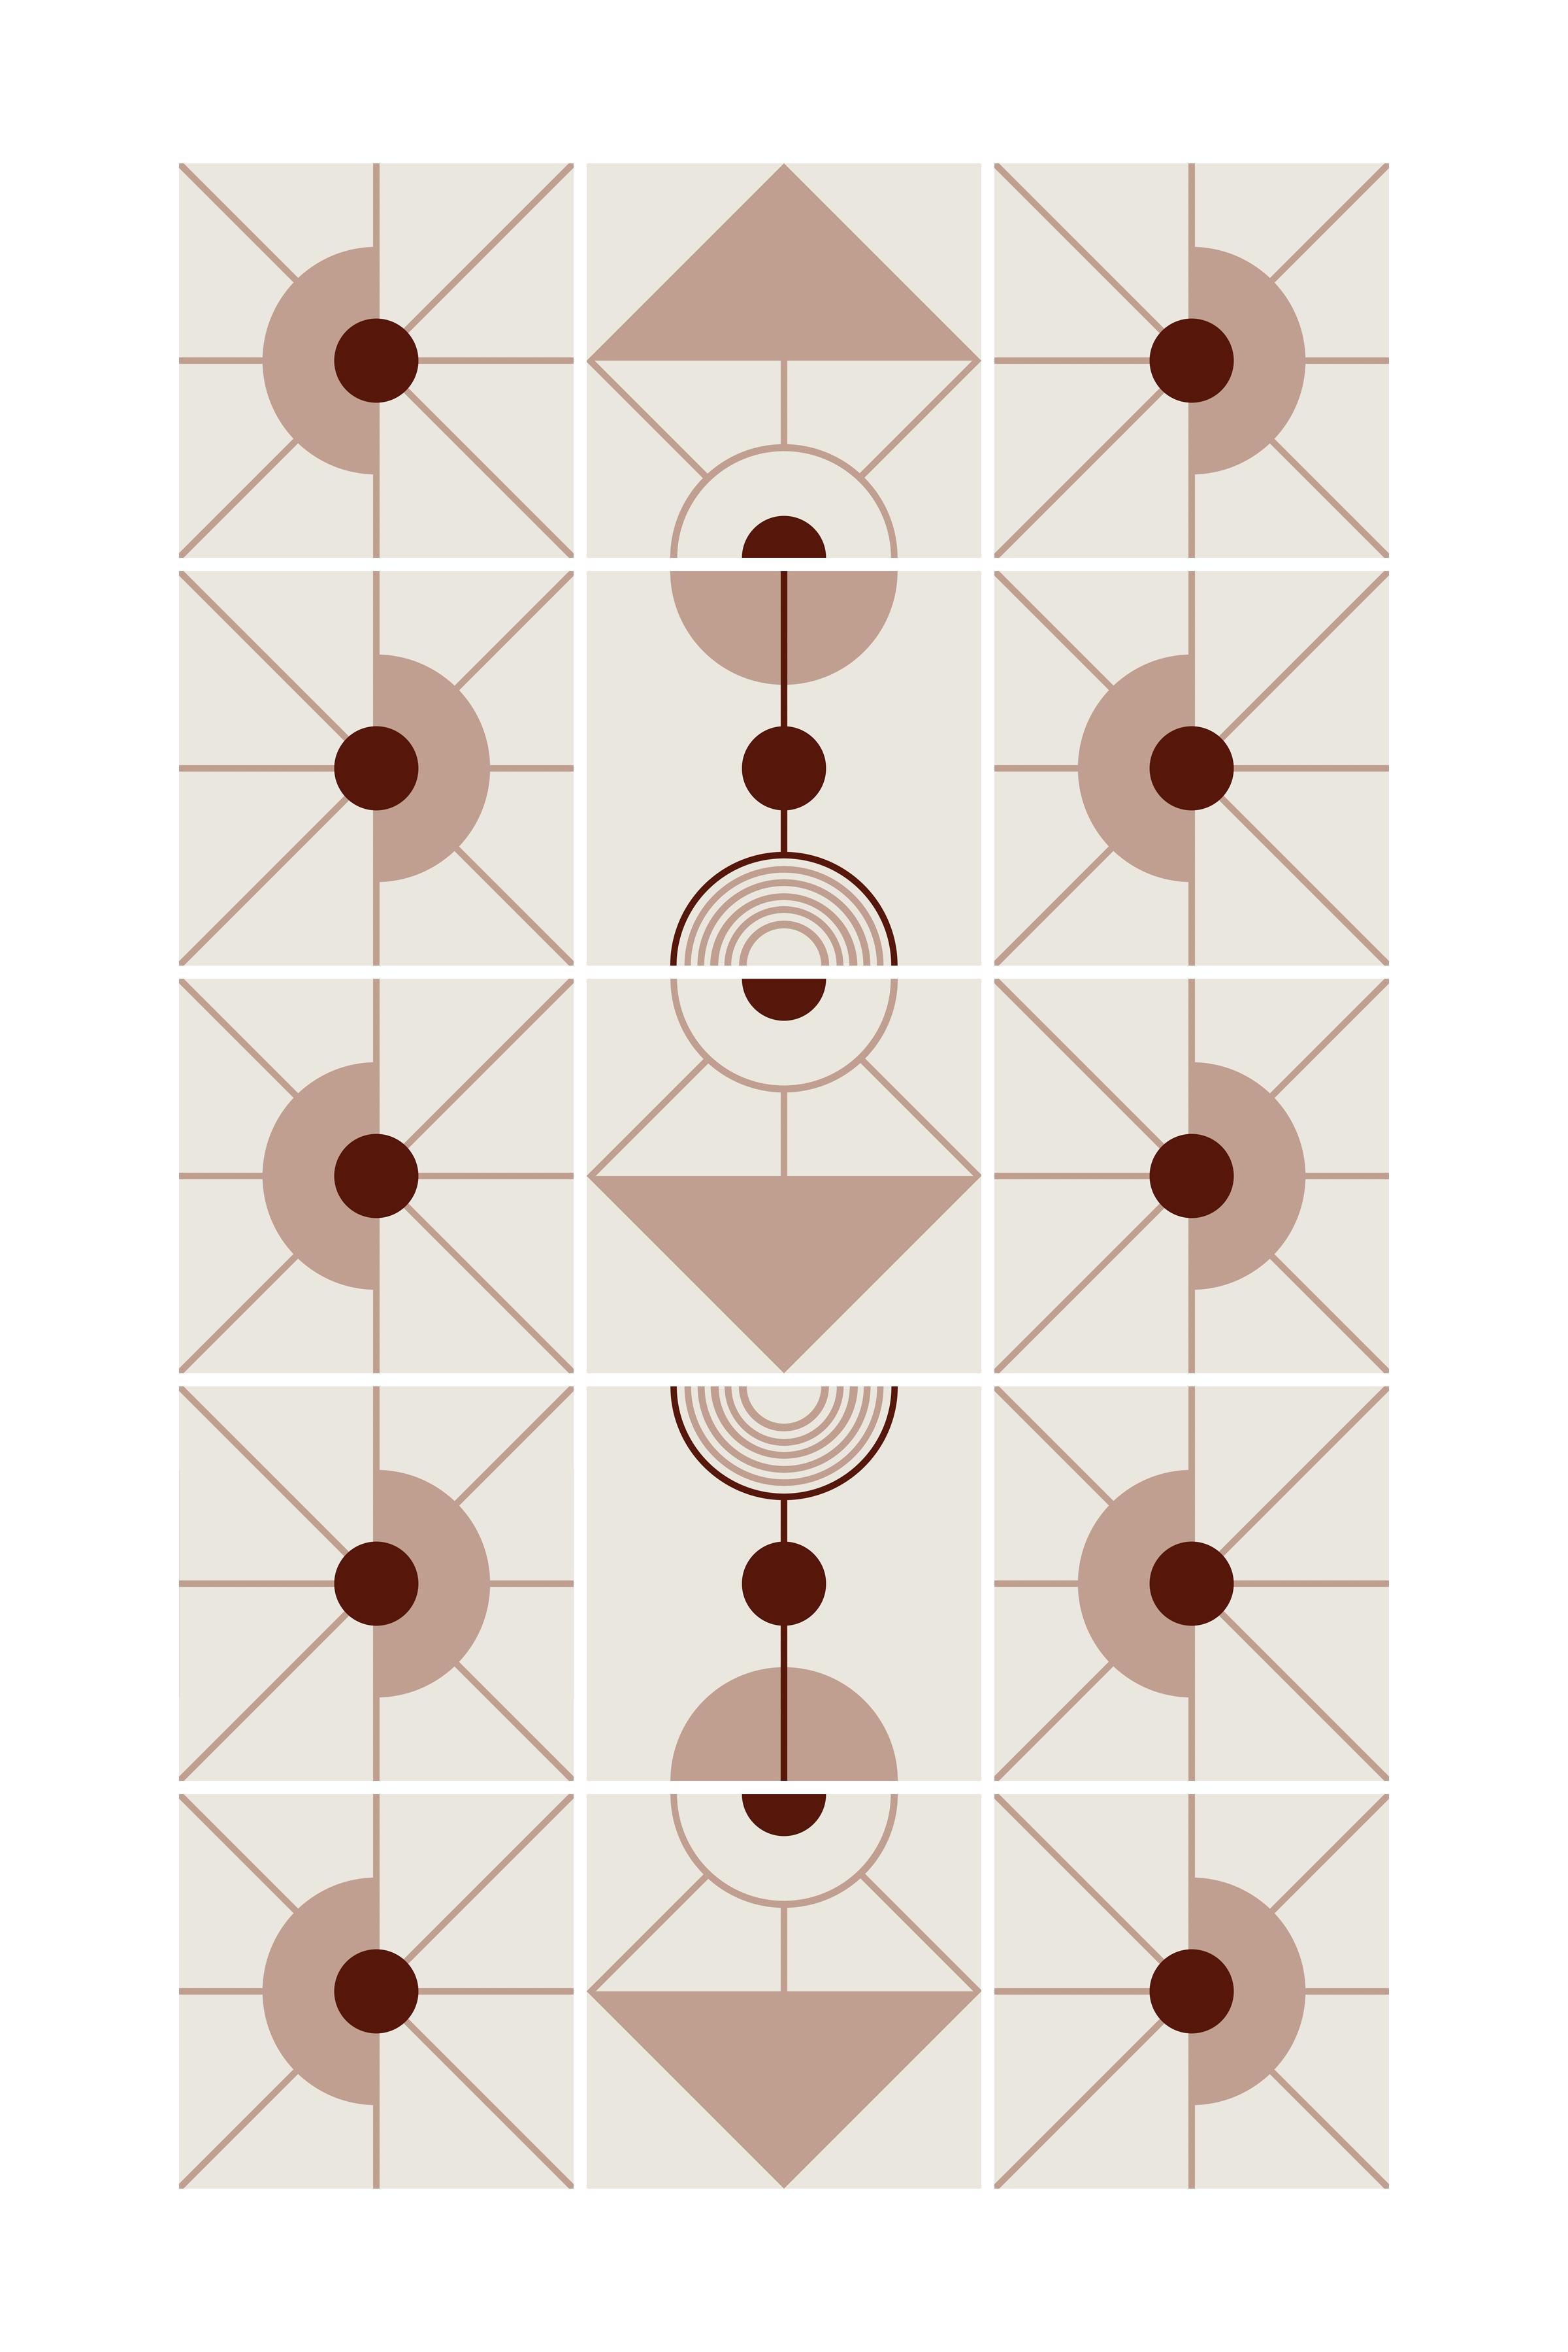 Designed by Dabito